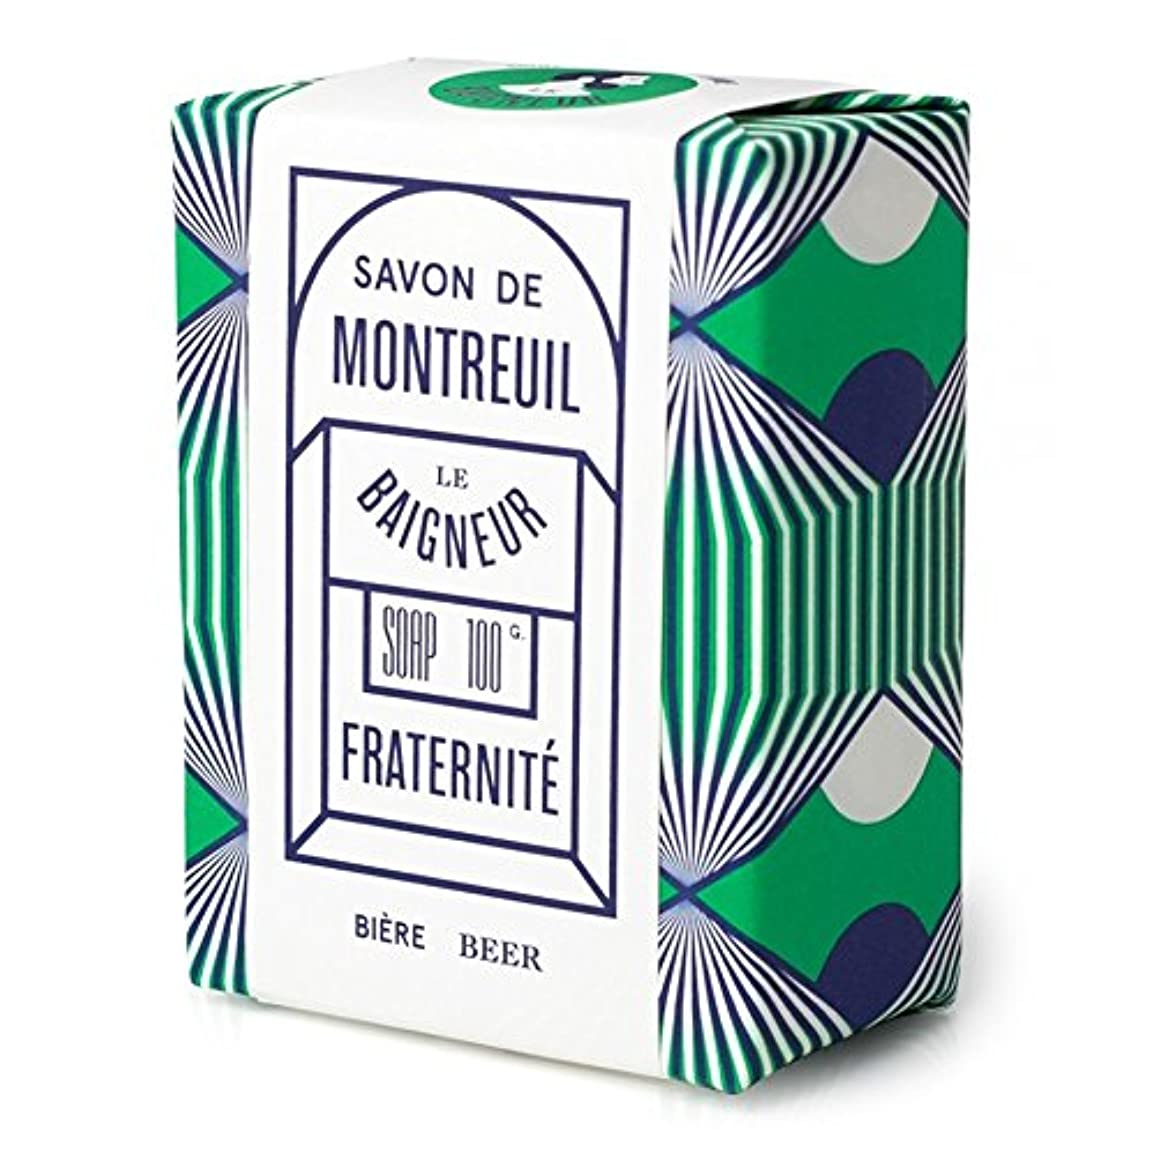 風景料理をするからかうル 石鹸100グラム x2 - Le Baigneur Fraternite Soap 100g (Pack of 2) [並行輸入品]